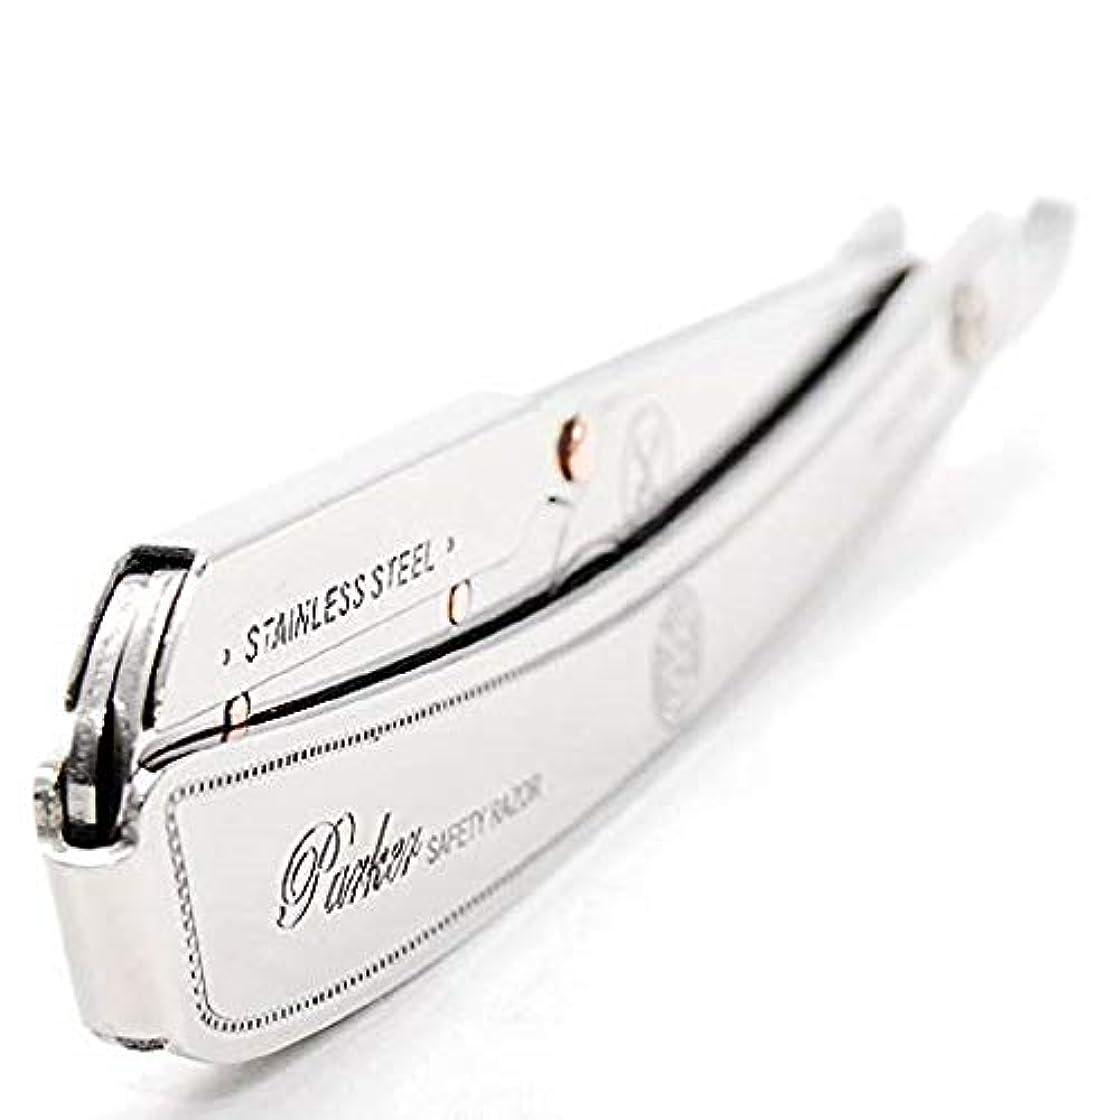 ファーザーファージュ確実置き場パーカー(Parker) SRX 剃刀 プロ用 替刃100枚、セーフティ替刃ゴミ箱の3点セット [並行輸入品]